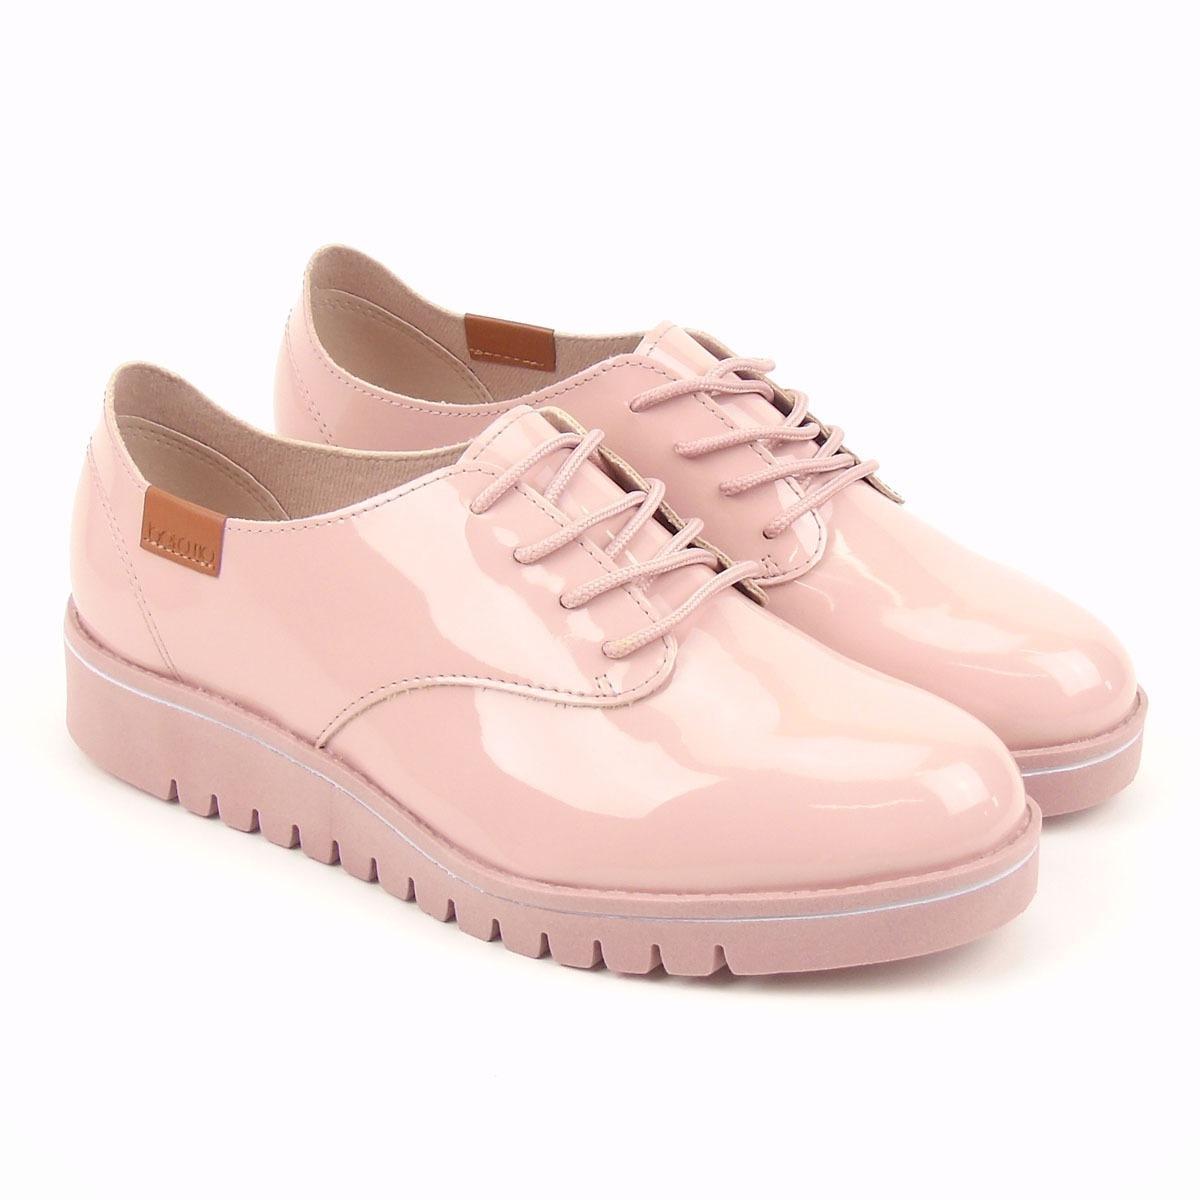 3e0b591cb8 563316ea3 sapato oxford feminino 4174.101 rosa beira rio flatform.  Carregando zoom.